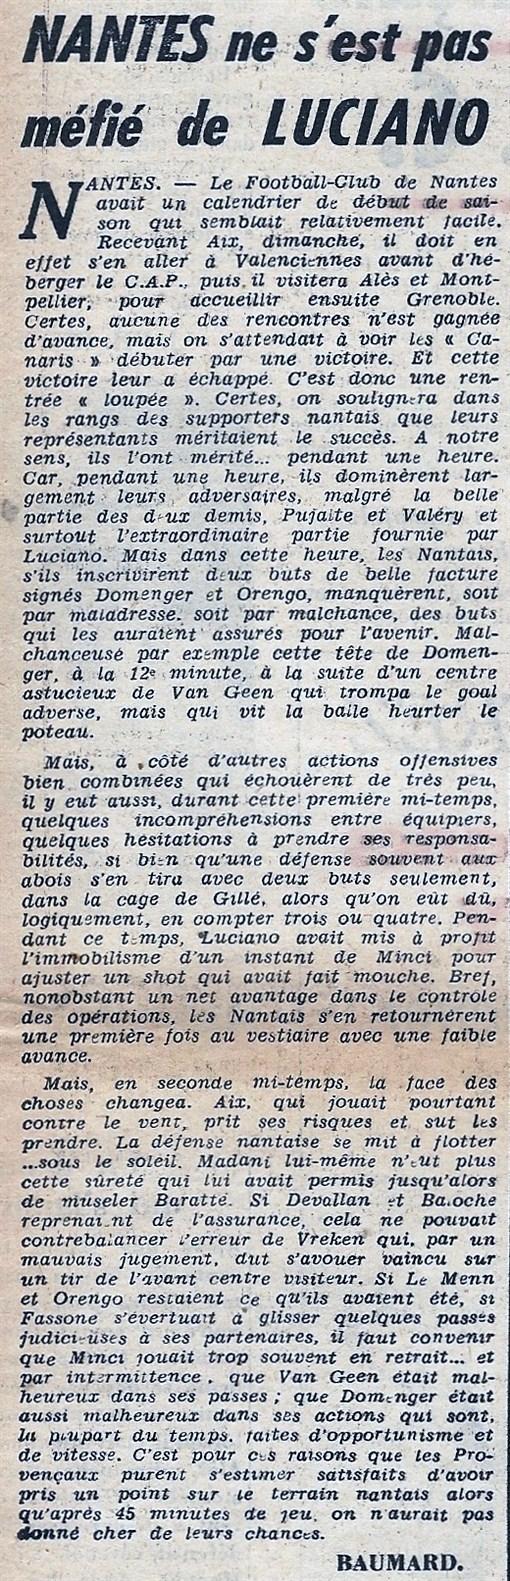 ff-du-17-08-1954-6.jpg